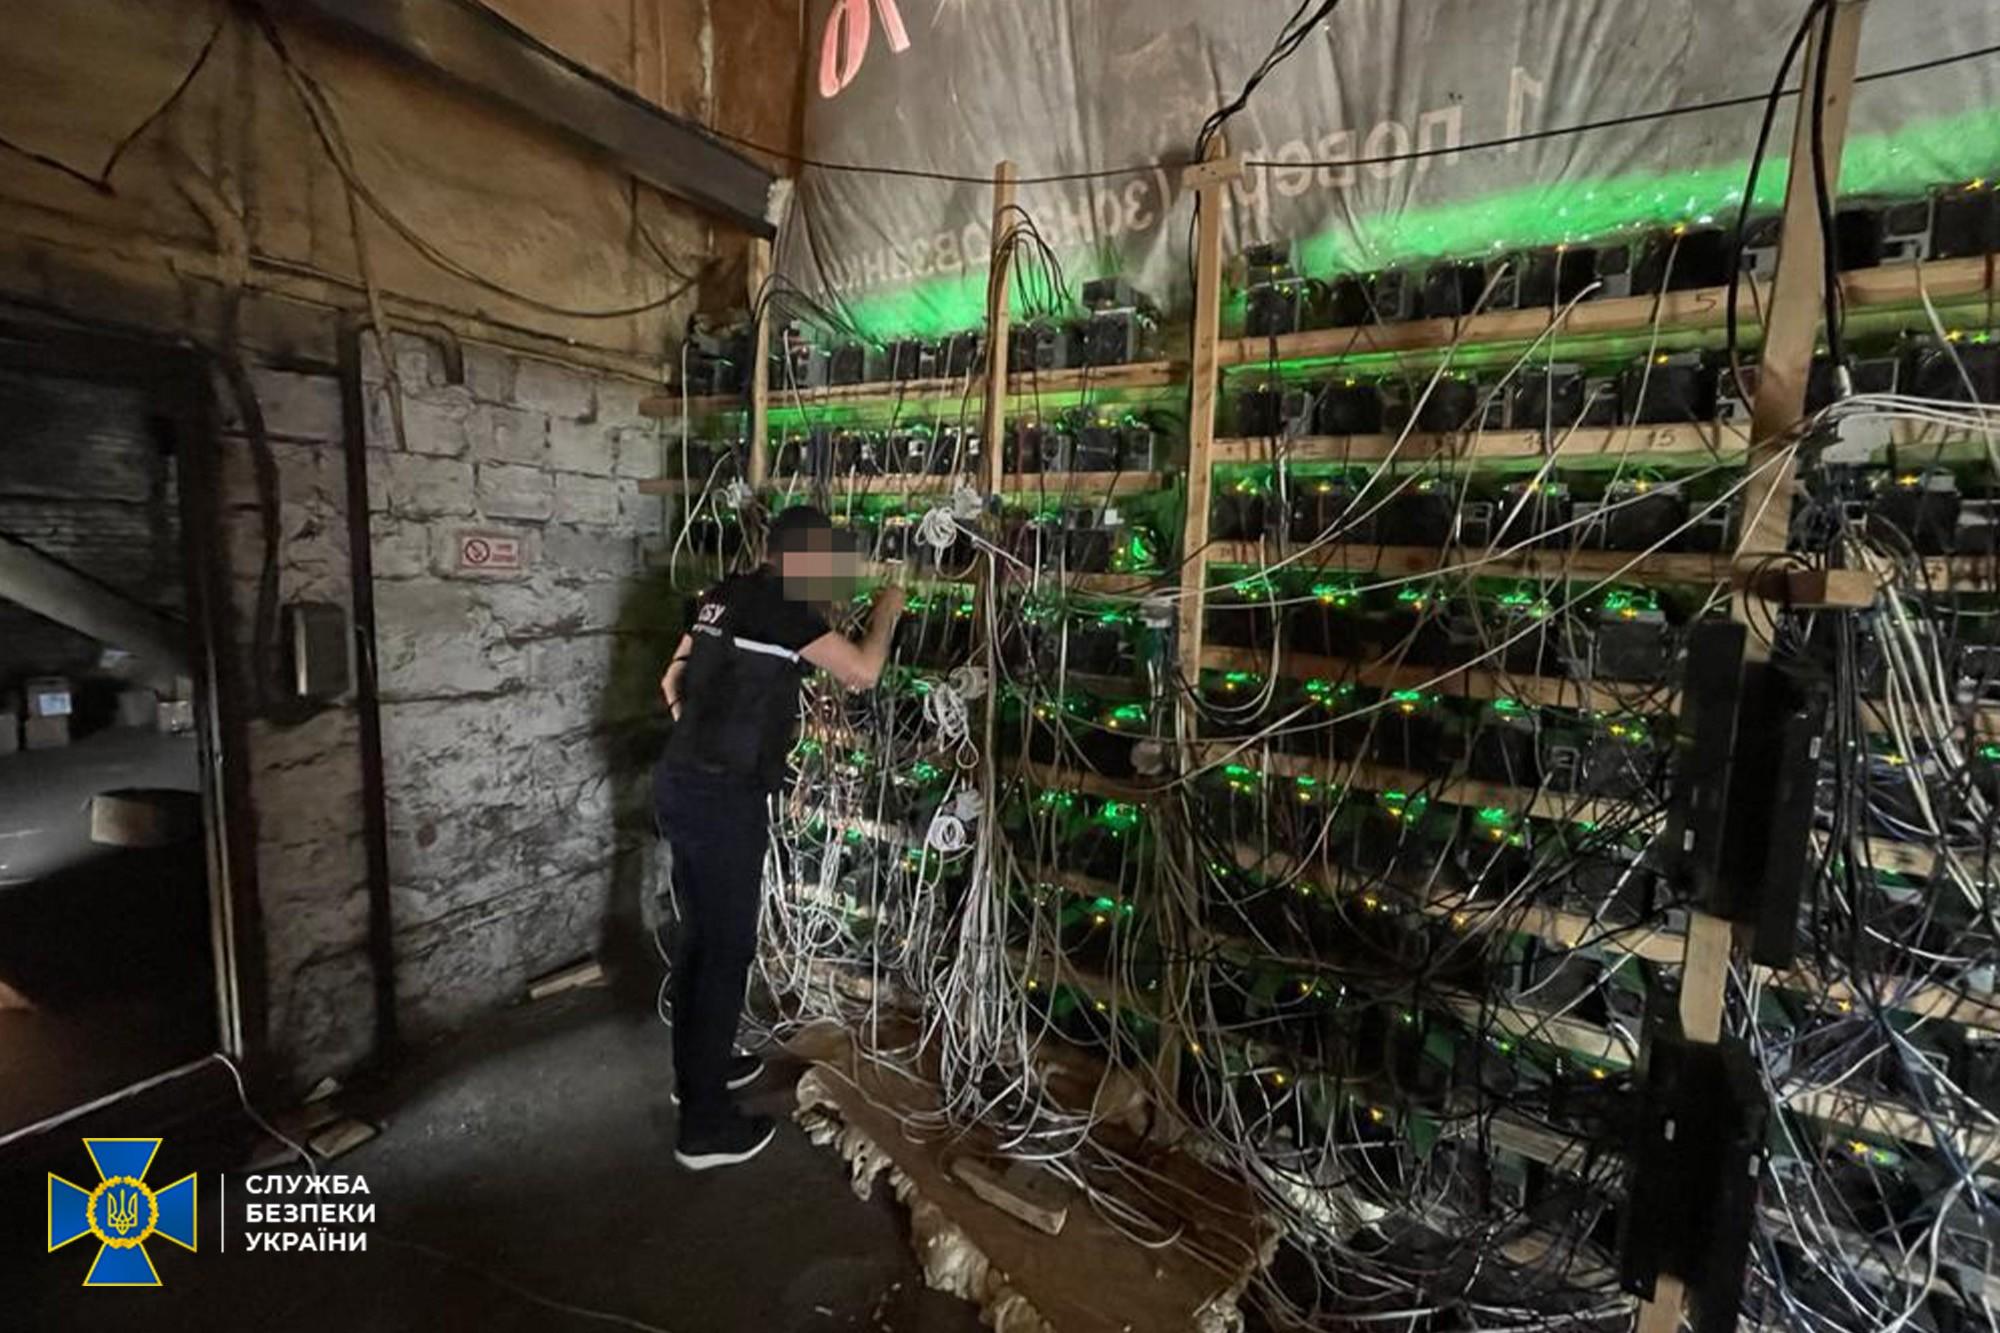 СБУ накрыла майнинг-ферму в Днепропетровской области. Криптовалюту добывали с помощью трансформатора